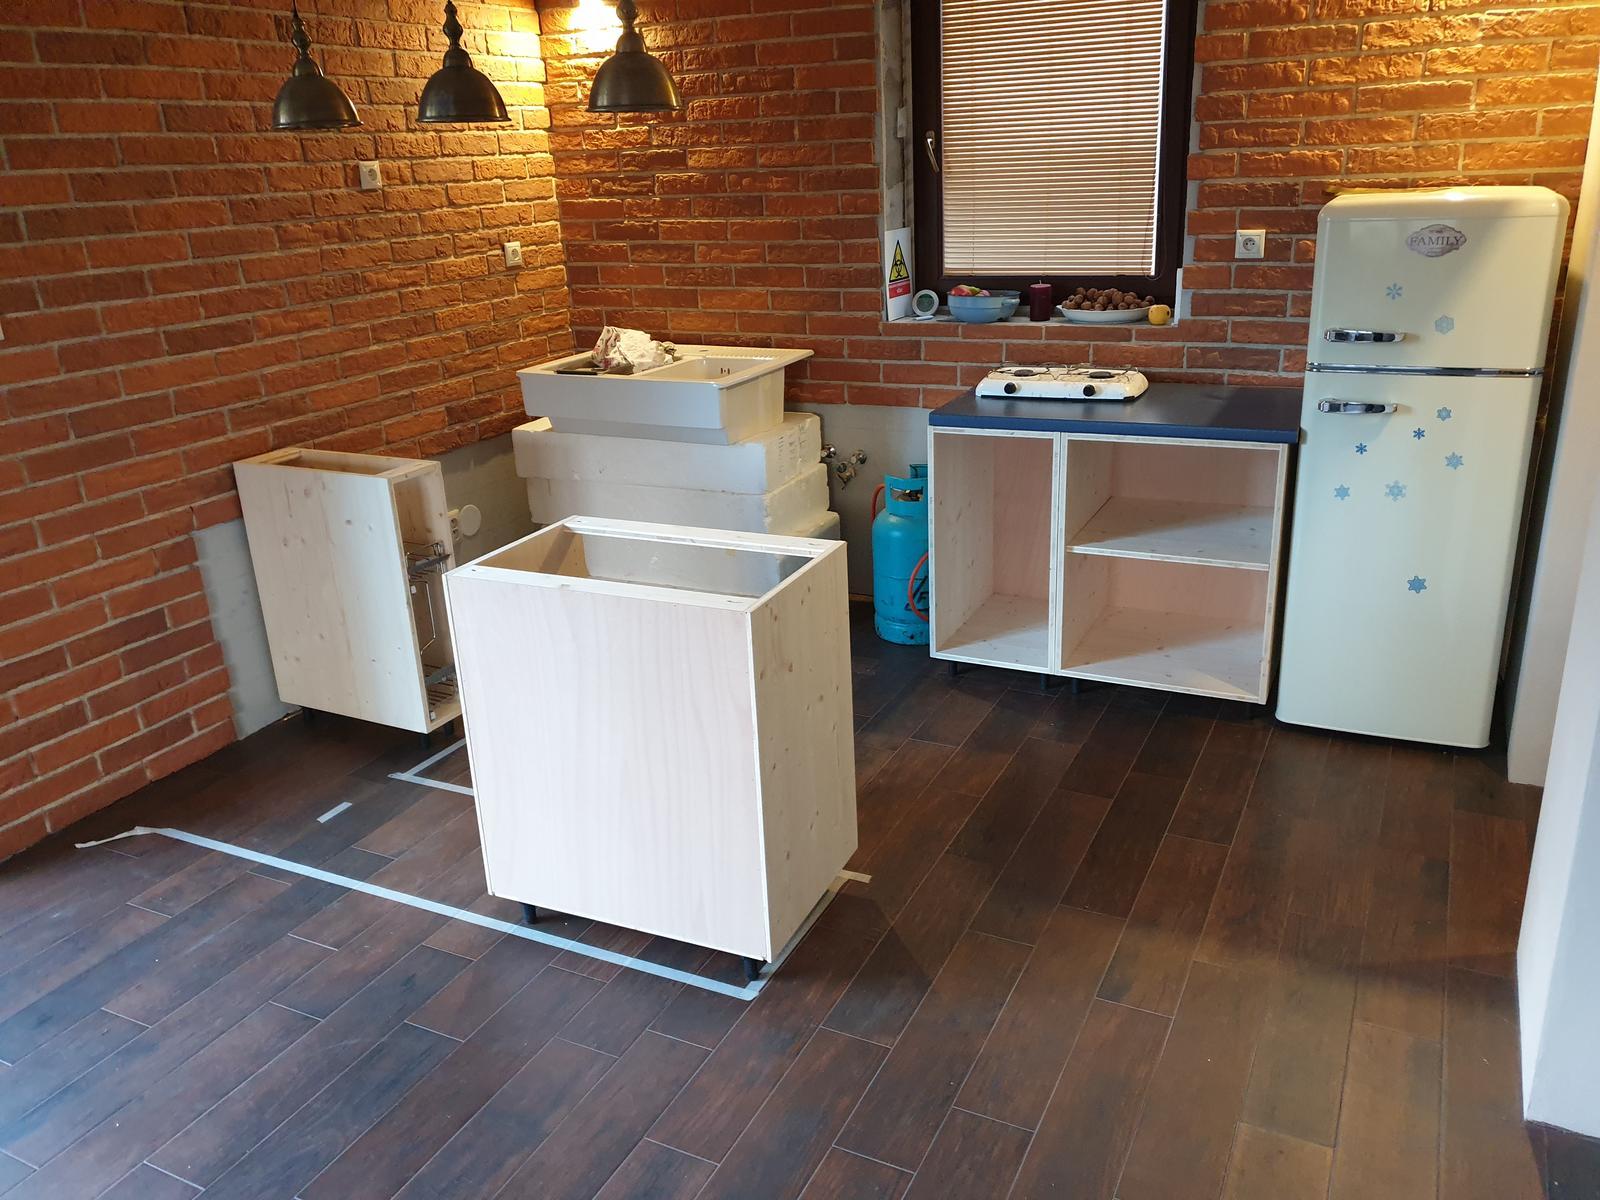 Kuchyňa svojpomocne - Skrinky už na mieste. Ešte nenatreté a bez suflikov a dvierok